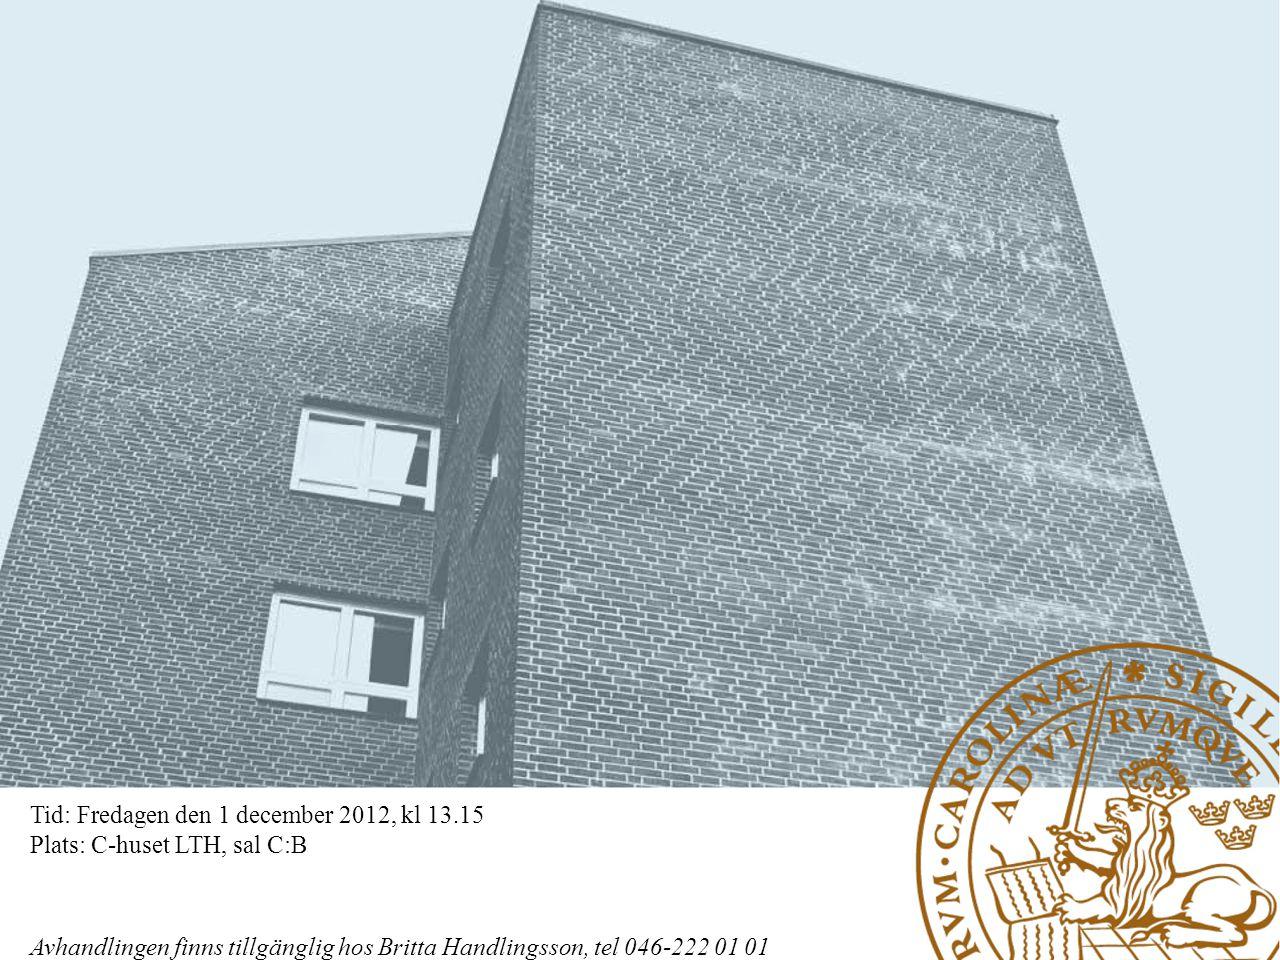 Tid: Fredagen den 1 december 2012, kl 13.15 Plats: C-huset LTH, sal C:B Avhandlingen finns tillgänglig hos Britta Handlingsson, tel 046-222 01 01